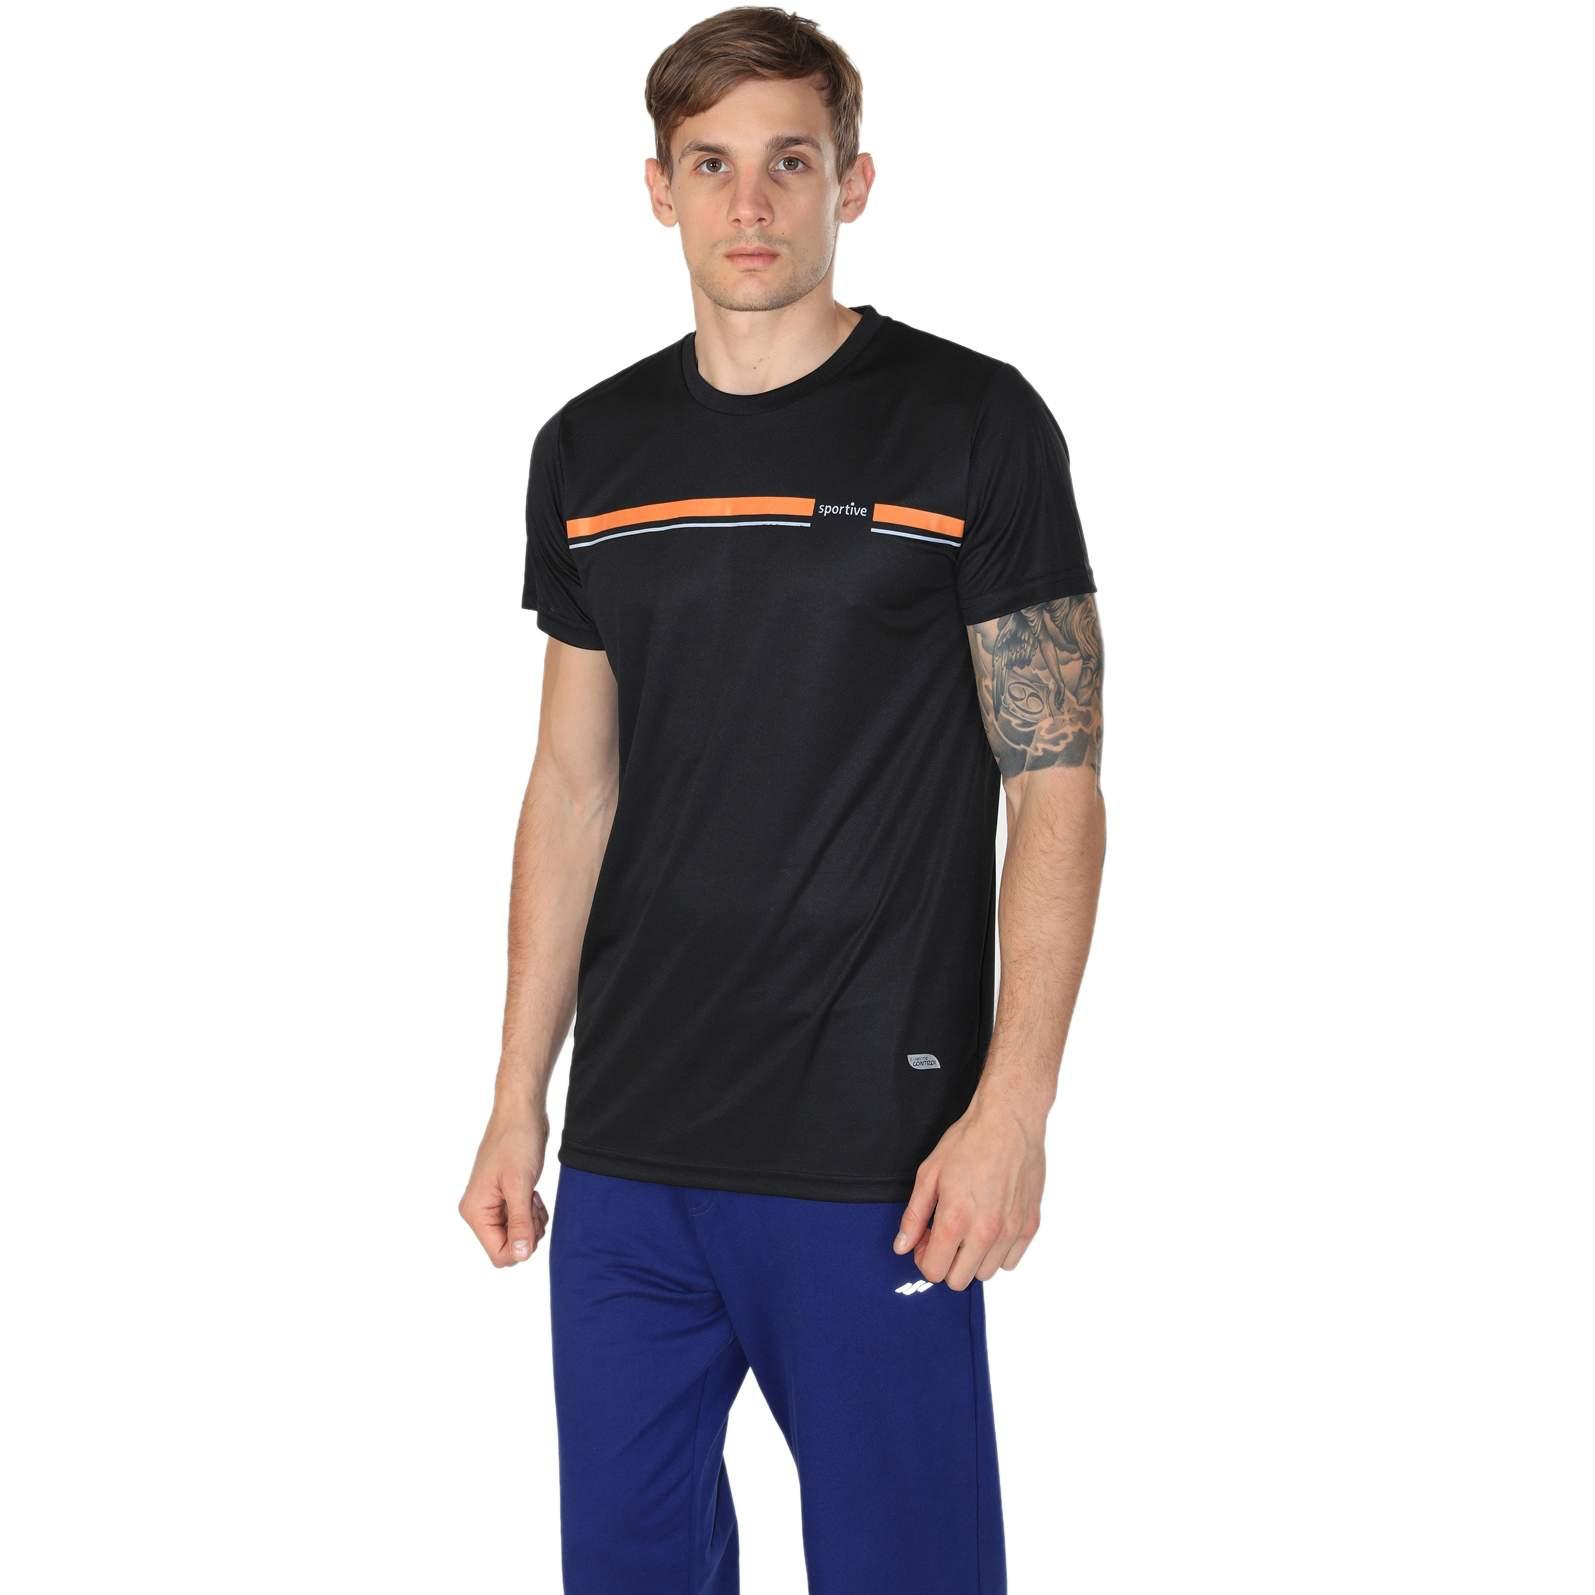 Sportive Erkek Bisiklet Yaka Siyah Spor Tişörtü 100885-00S